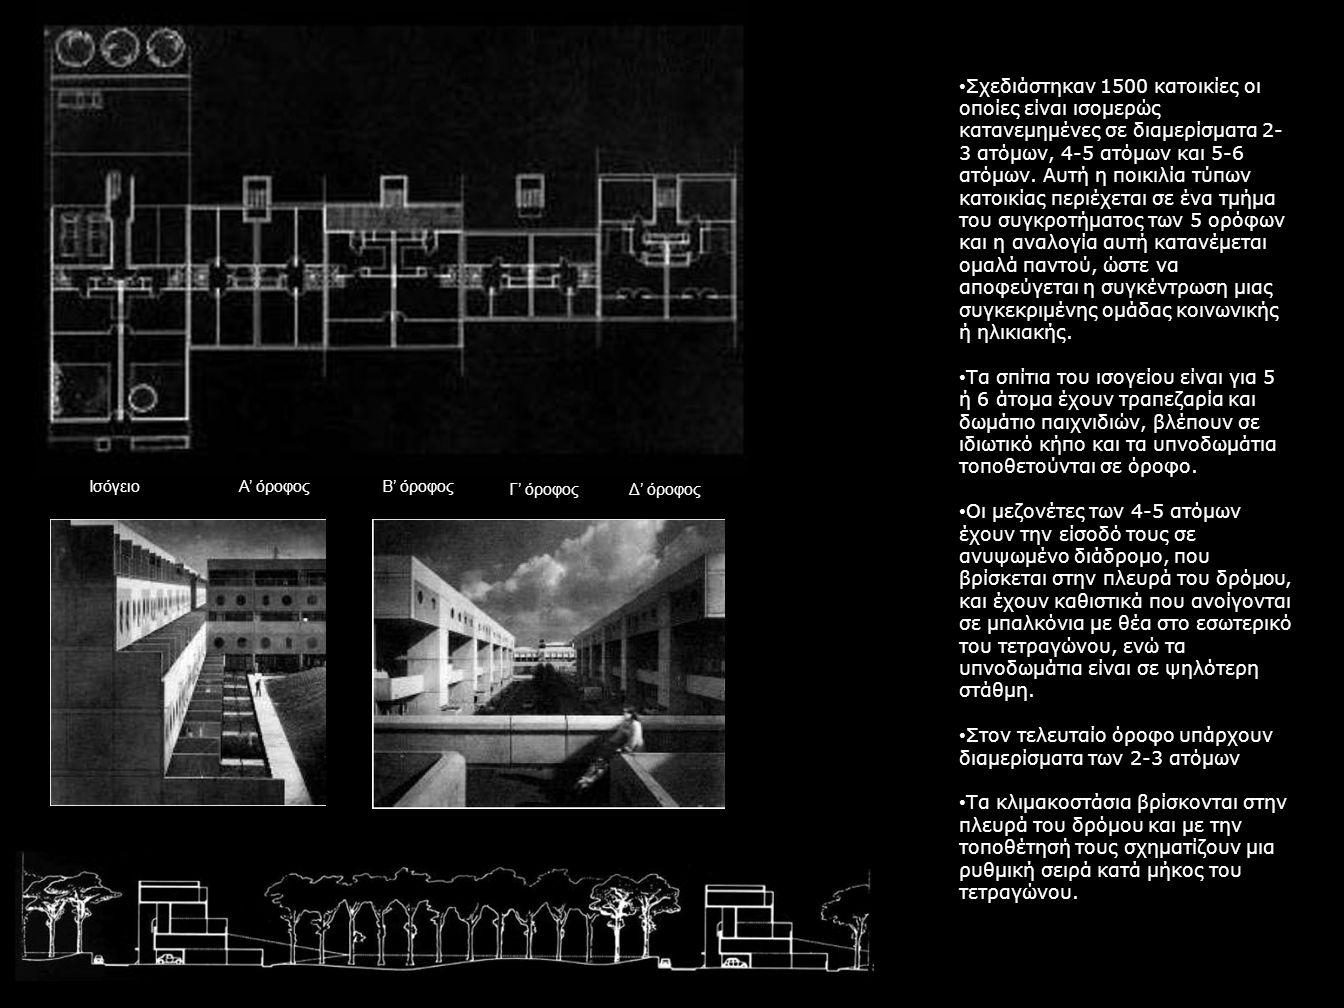 ΙσόγειοΑ' όροφοςΒ' όροφος Γ' όροφοςΔ' όροφος Σχεδιάστηκαν 1500 κατοικίες οι οποίες είναι ισομερώς κατανεμημένες σε διαμερίσματα 2- 3 ατόμων, 4-5 ατόμω